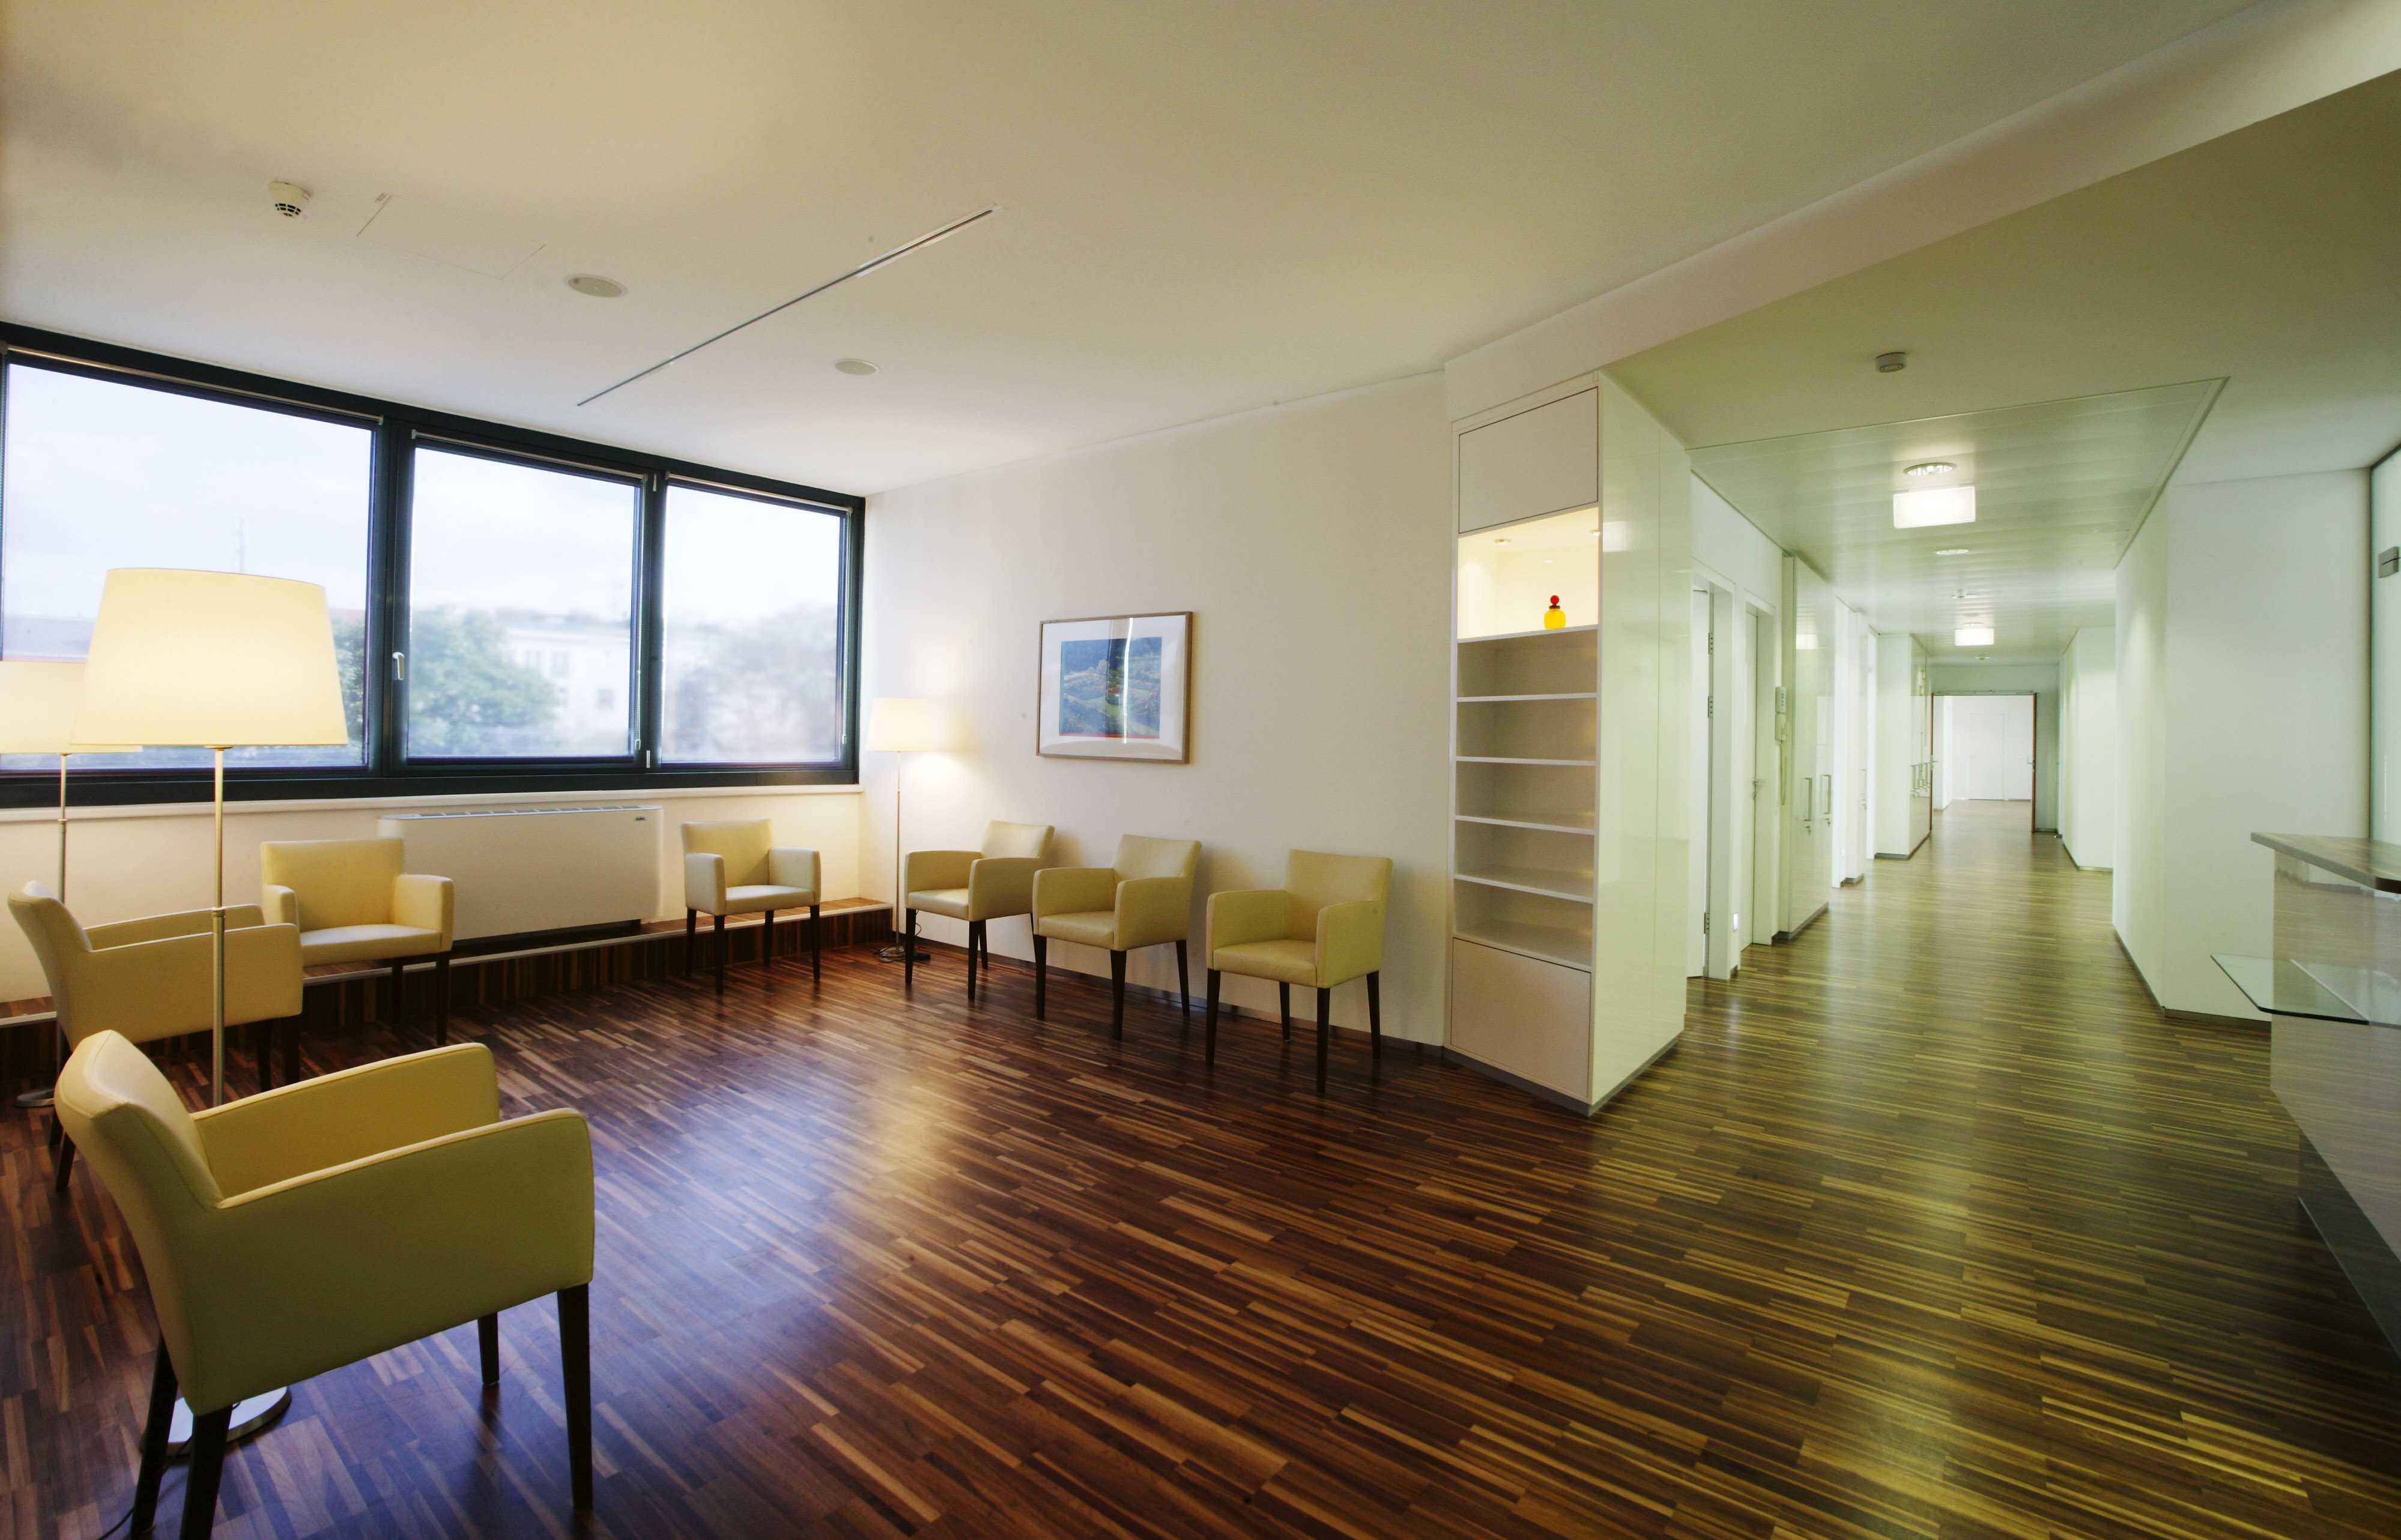 Wartebereich in der Care Acydemy, designed von Studio Thörnblom